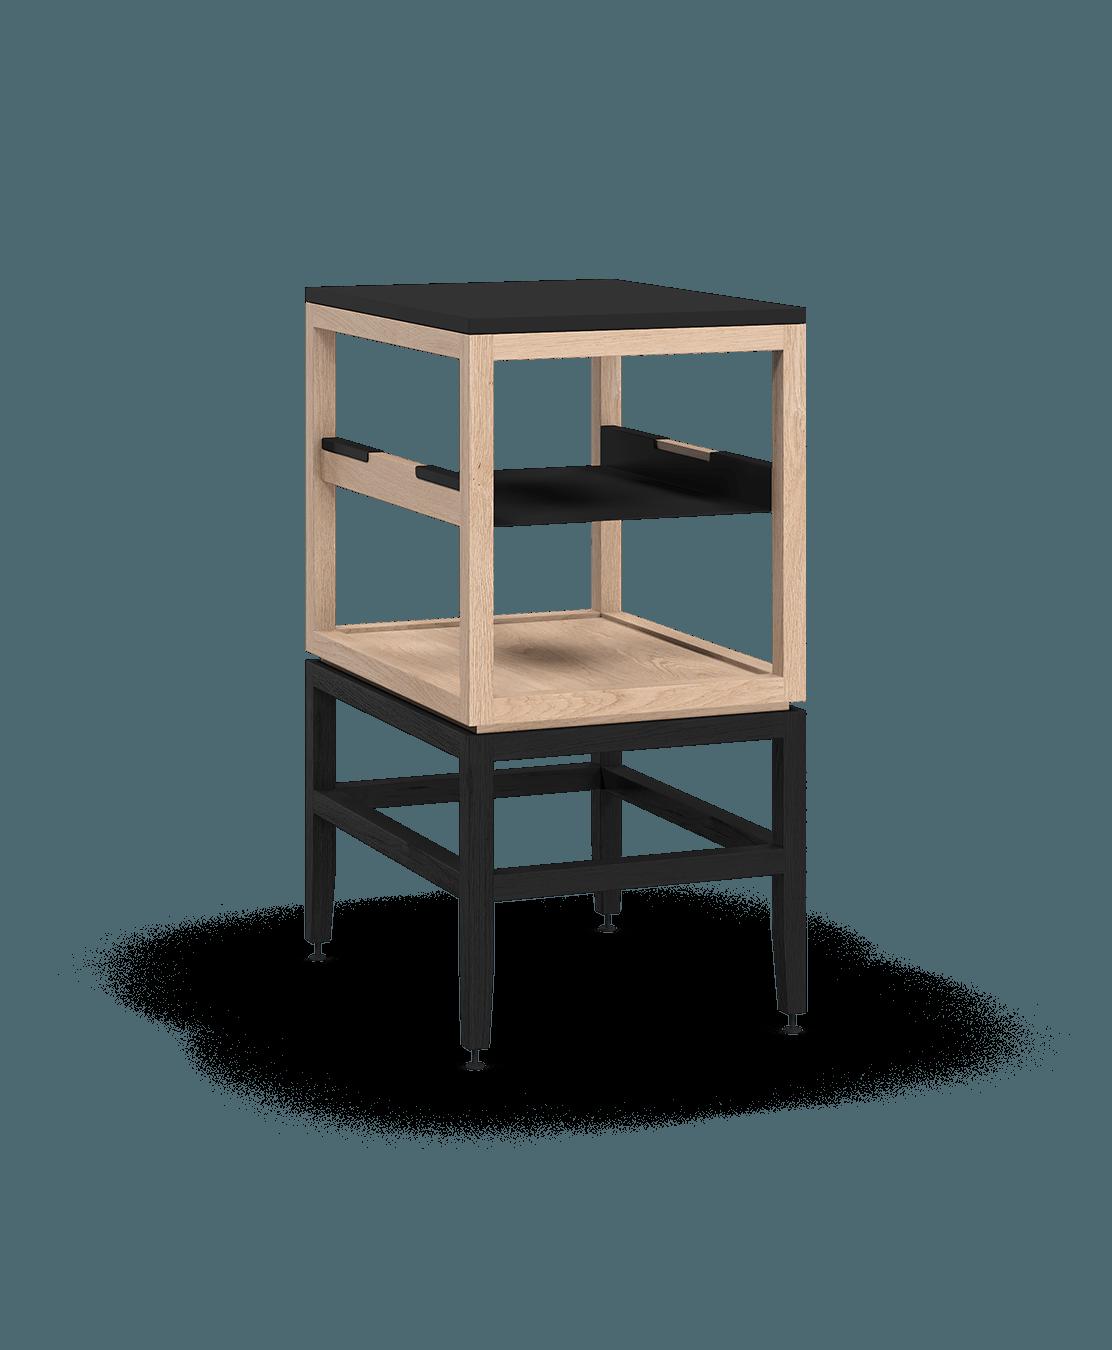 armoire ouverte modulaire de rangement en bois massif coquo volitare avec cube 1 tablette chêne blanc teint noir nuit profonde 18 pouces C2-N-1824-0012-NA-BK